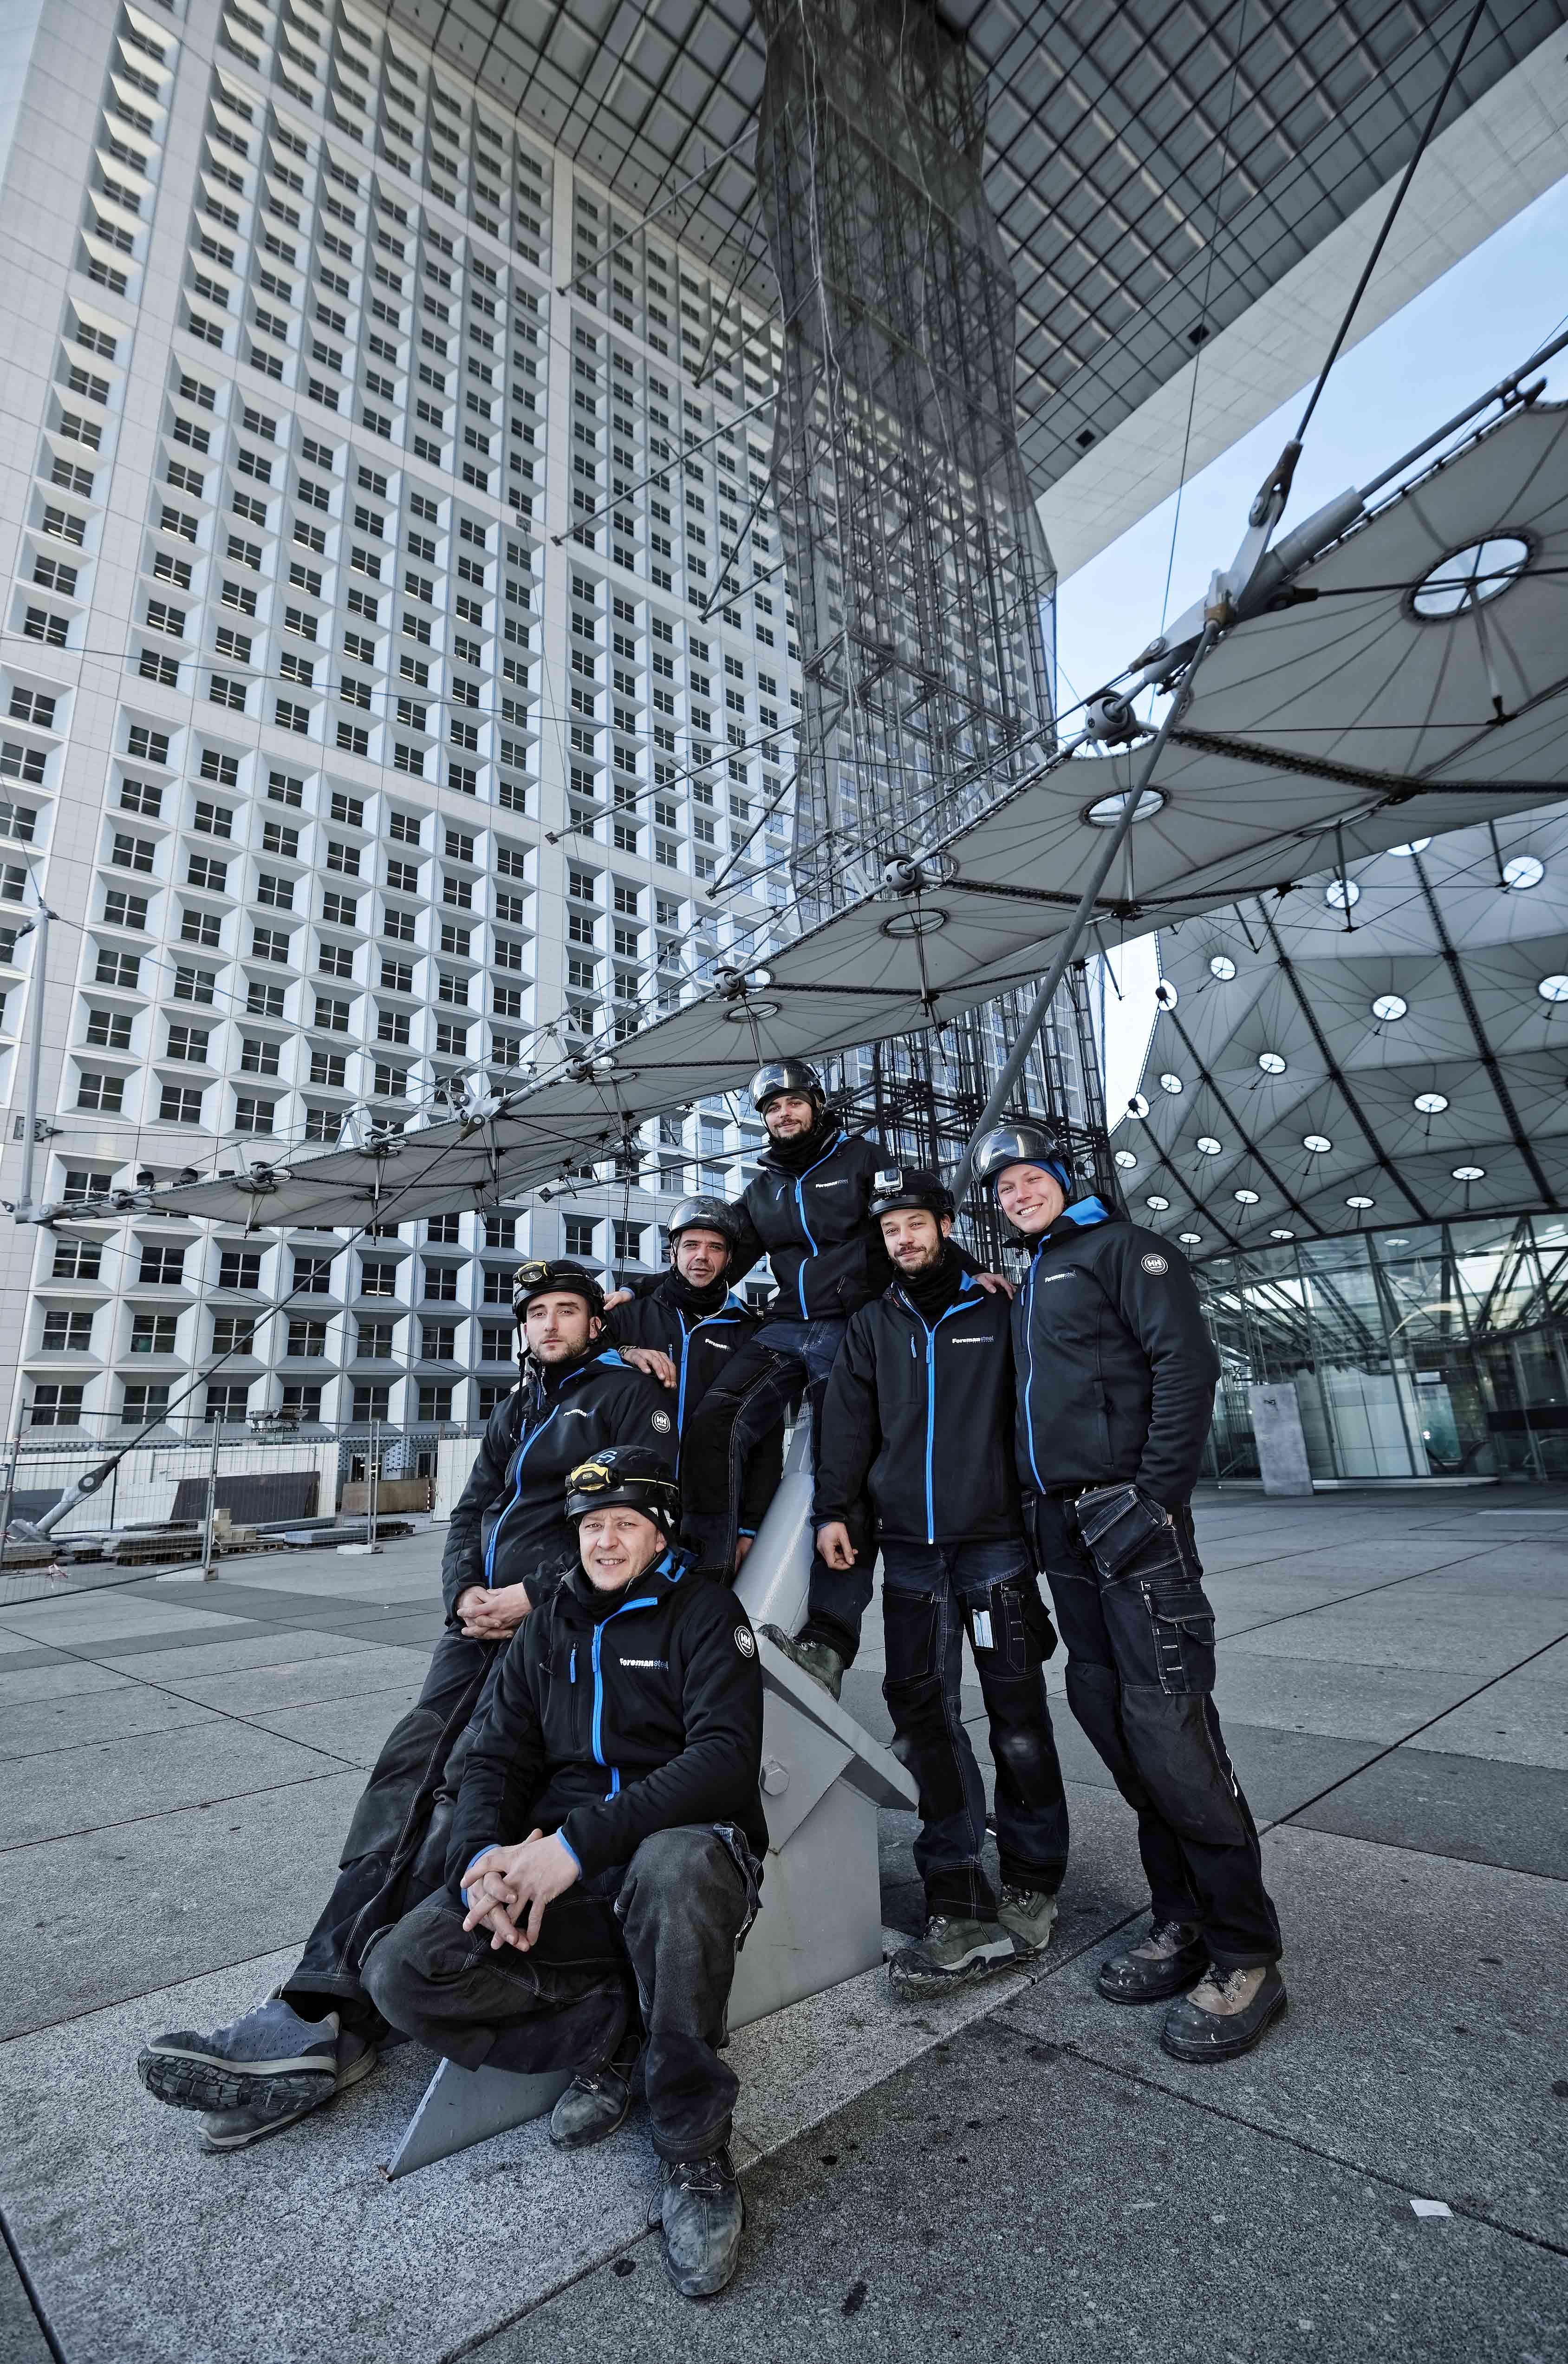 L'équipe Foremansteel composée de techniciens expérimentes dans la domaine de la sécurité